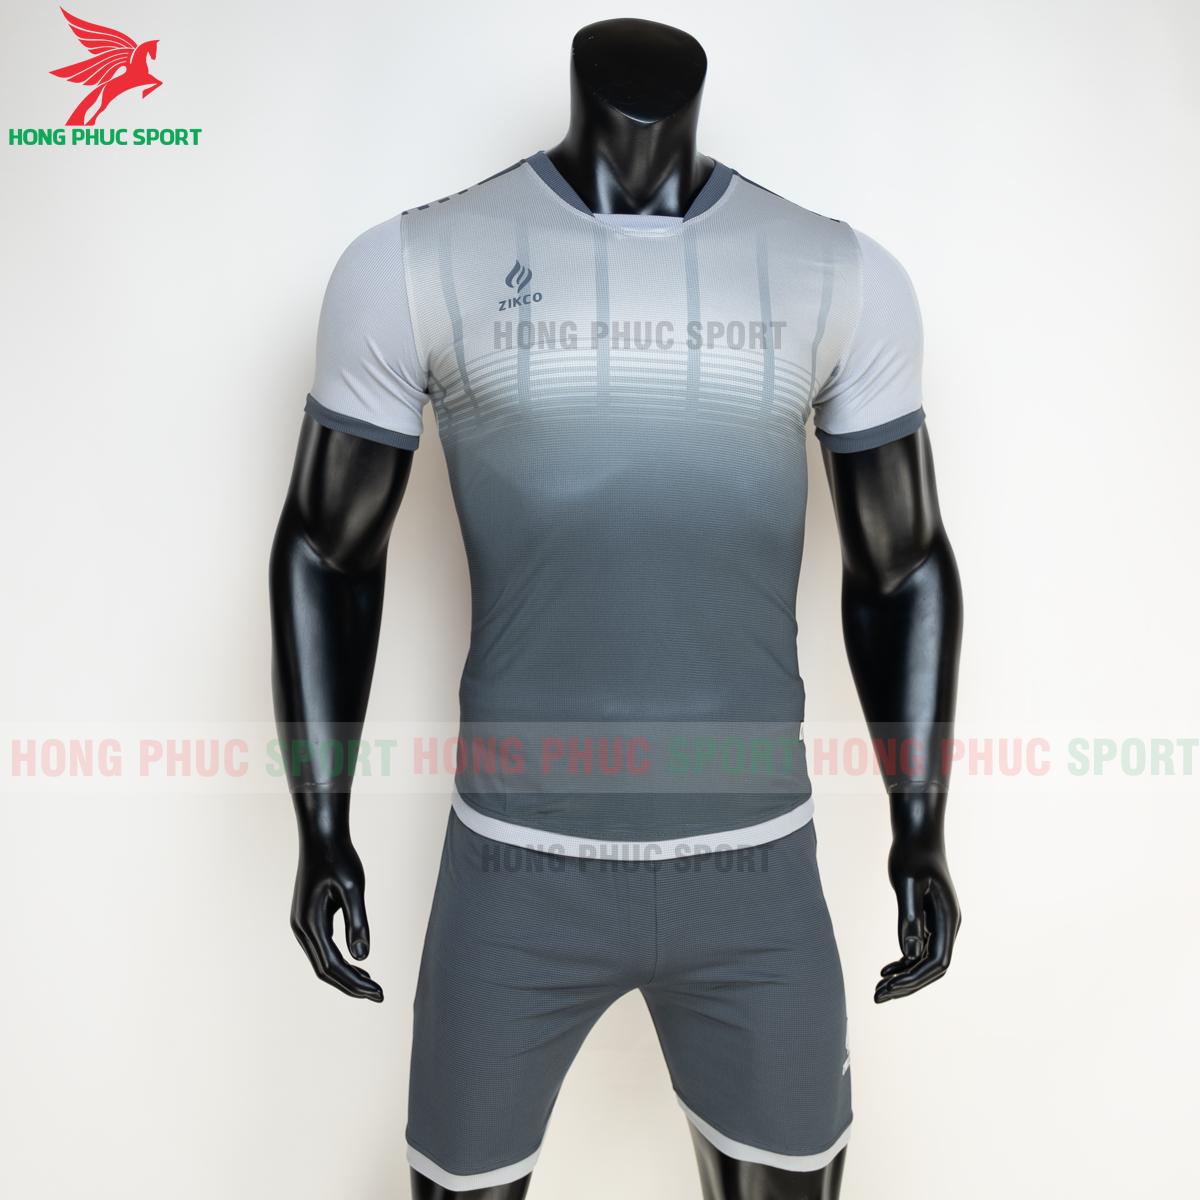 Áo đá banh không logo ZIKCO Z01 2021 màu đen (trước)